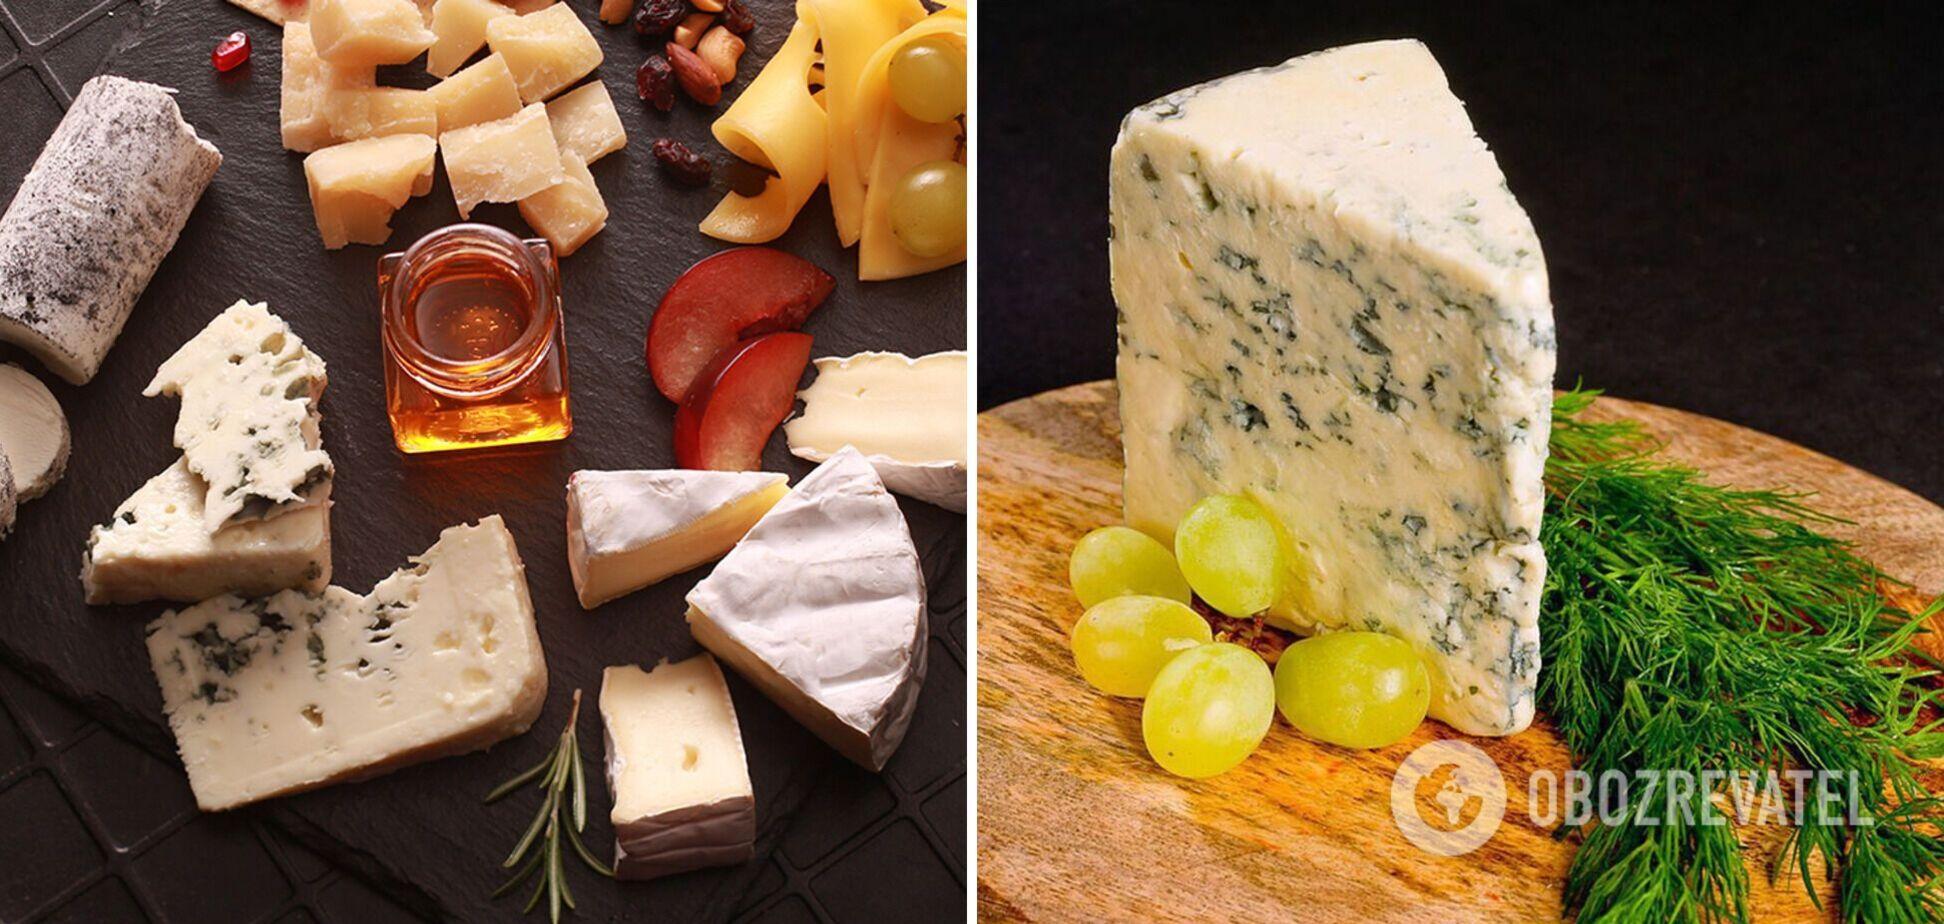 Як правильно їсти сир: пояснює експерт